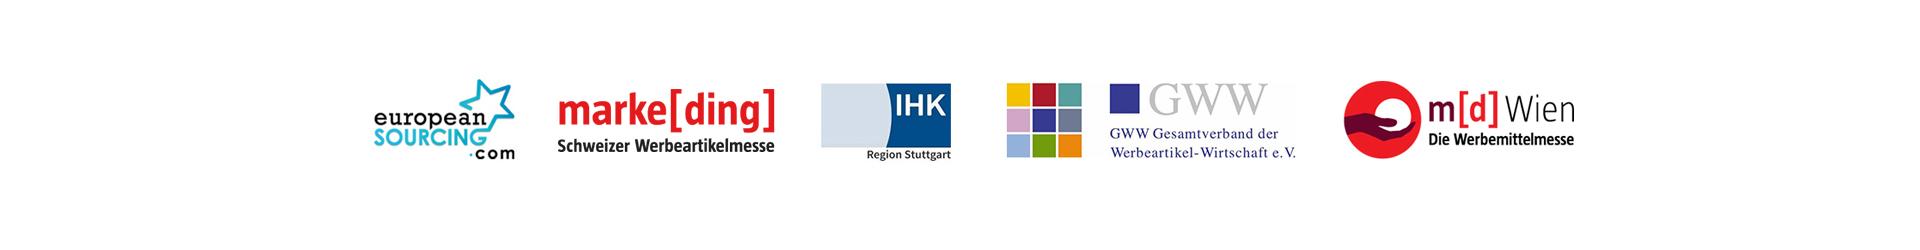 Logos von Unternehmen